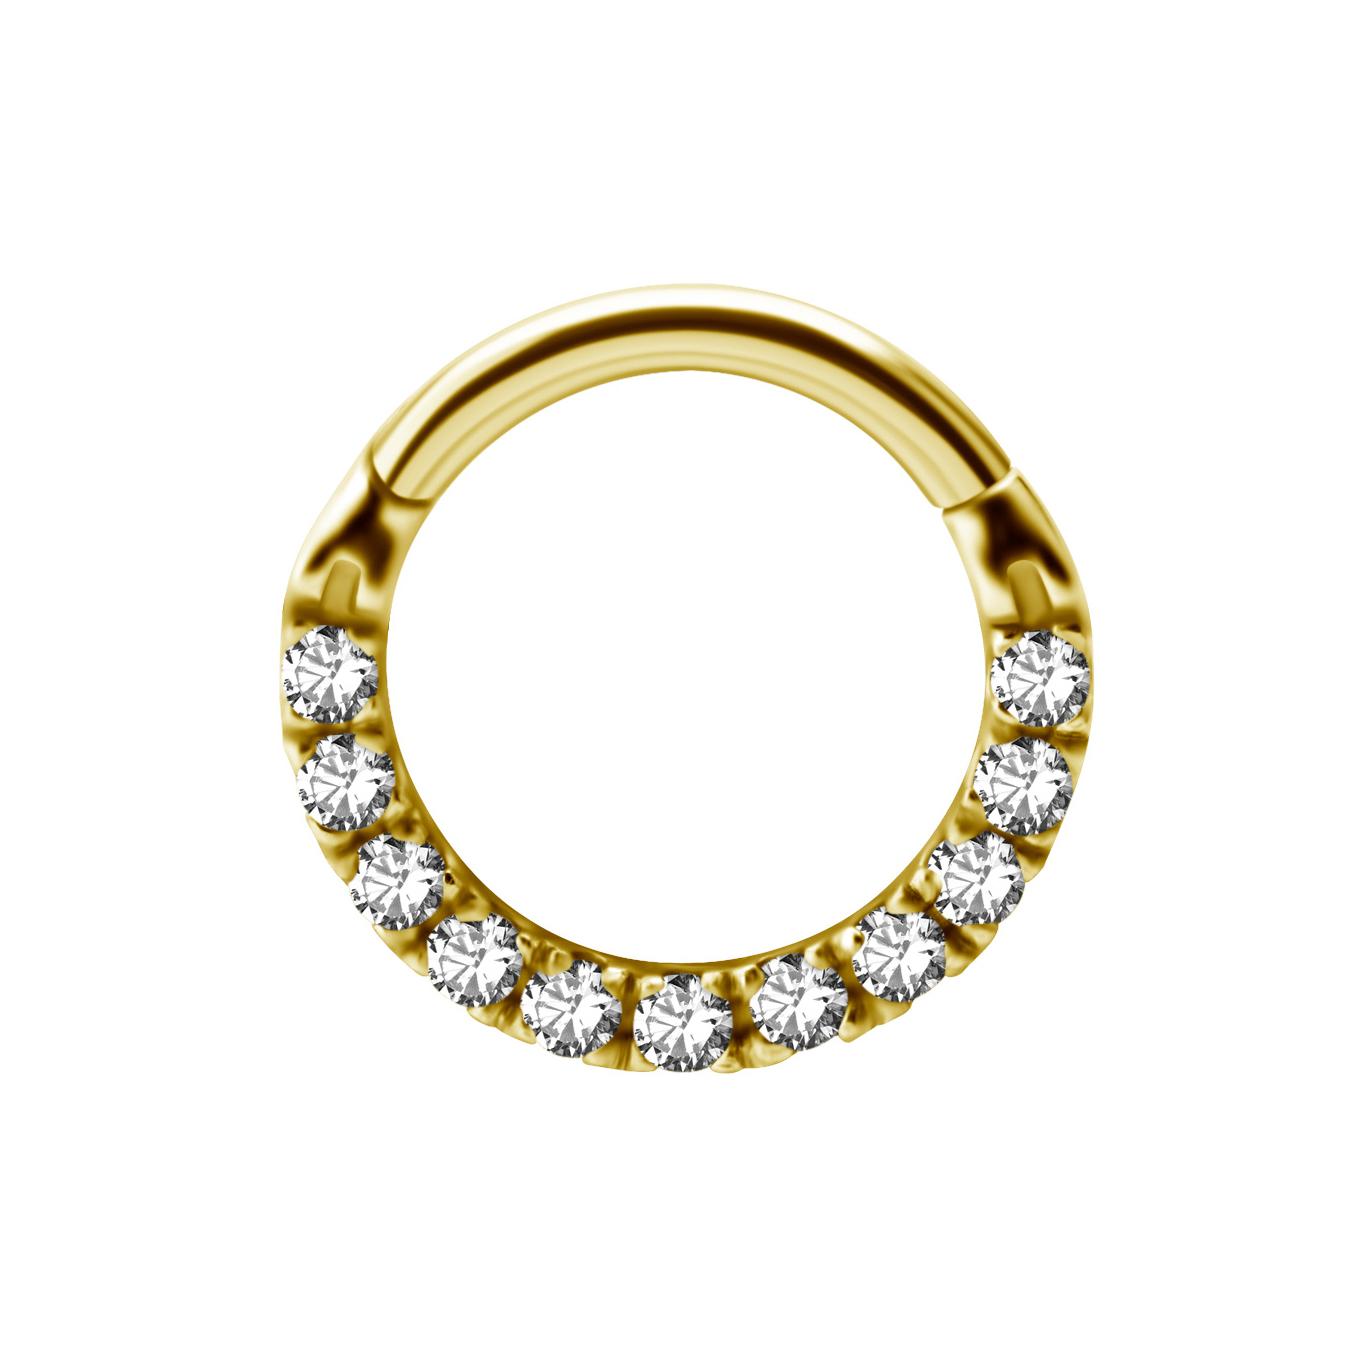 Clicker med kristaller - 24K guld PVD